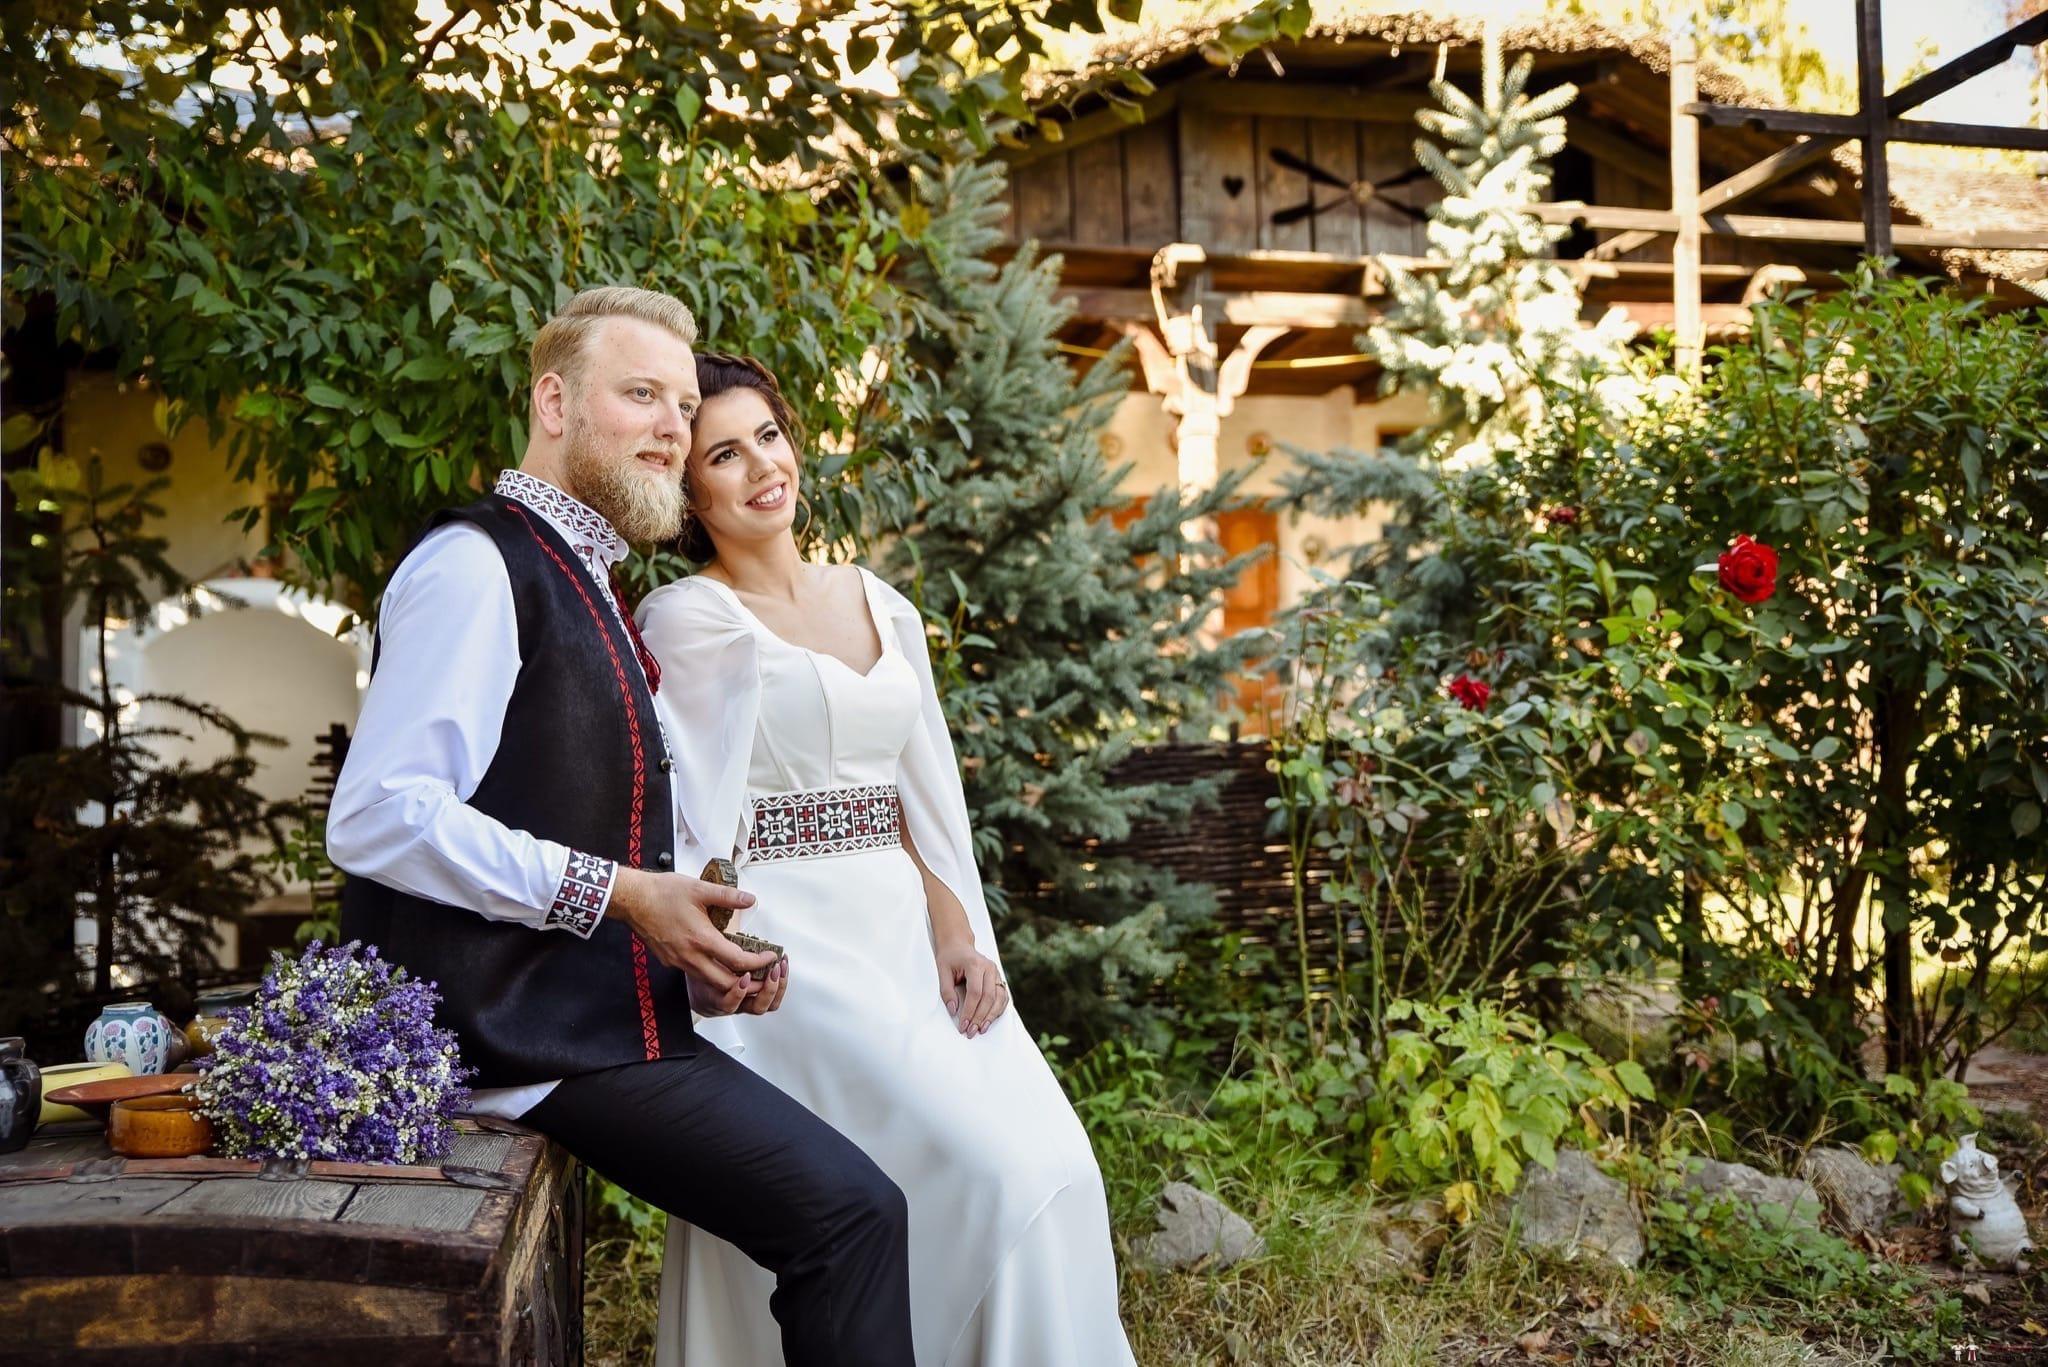 Povești Nunți Tradiționale - Georgiana și Andrei, nuntă tradițională în Iași 19